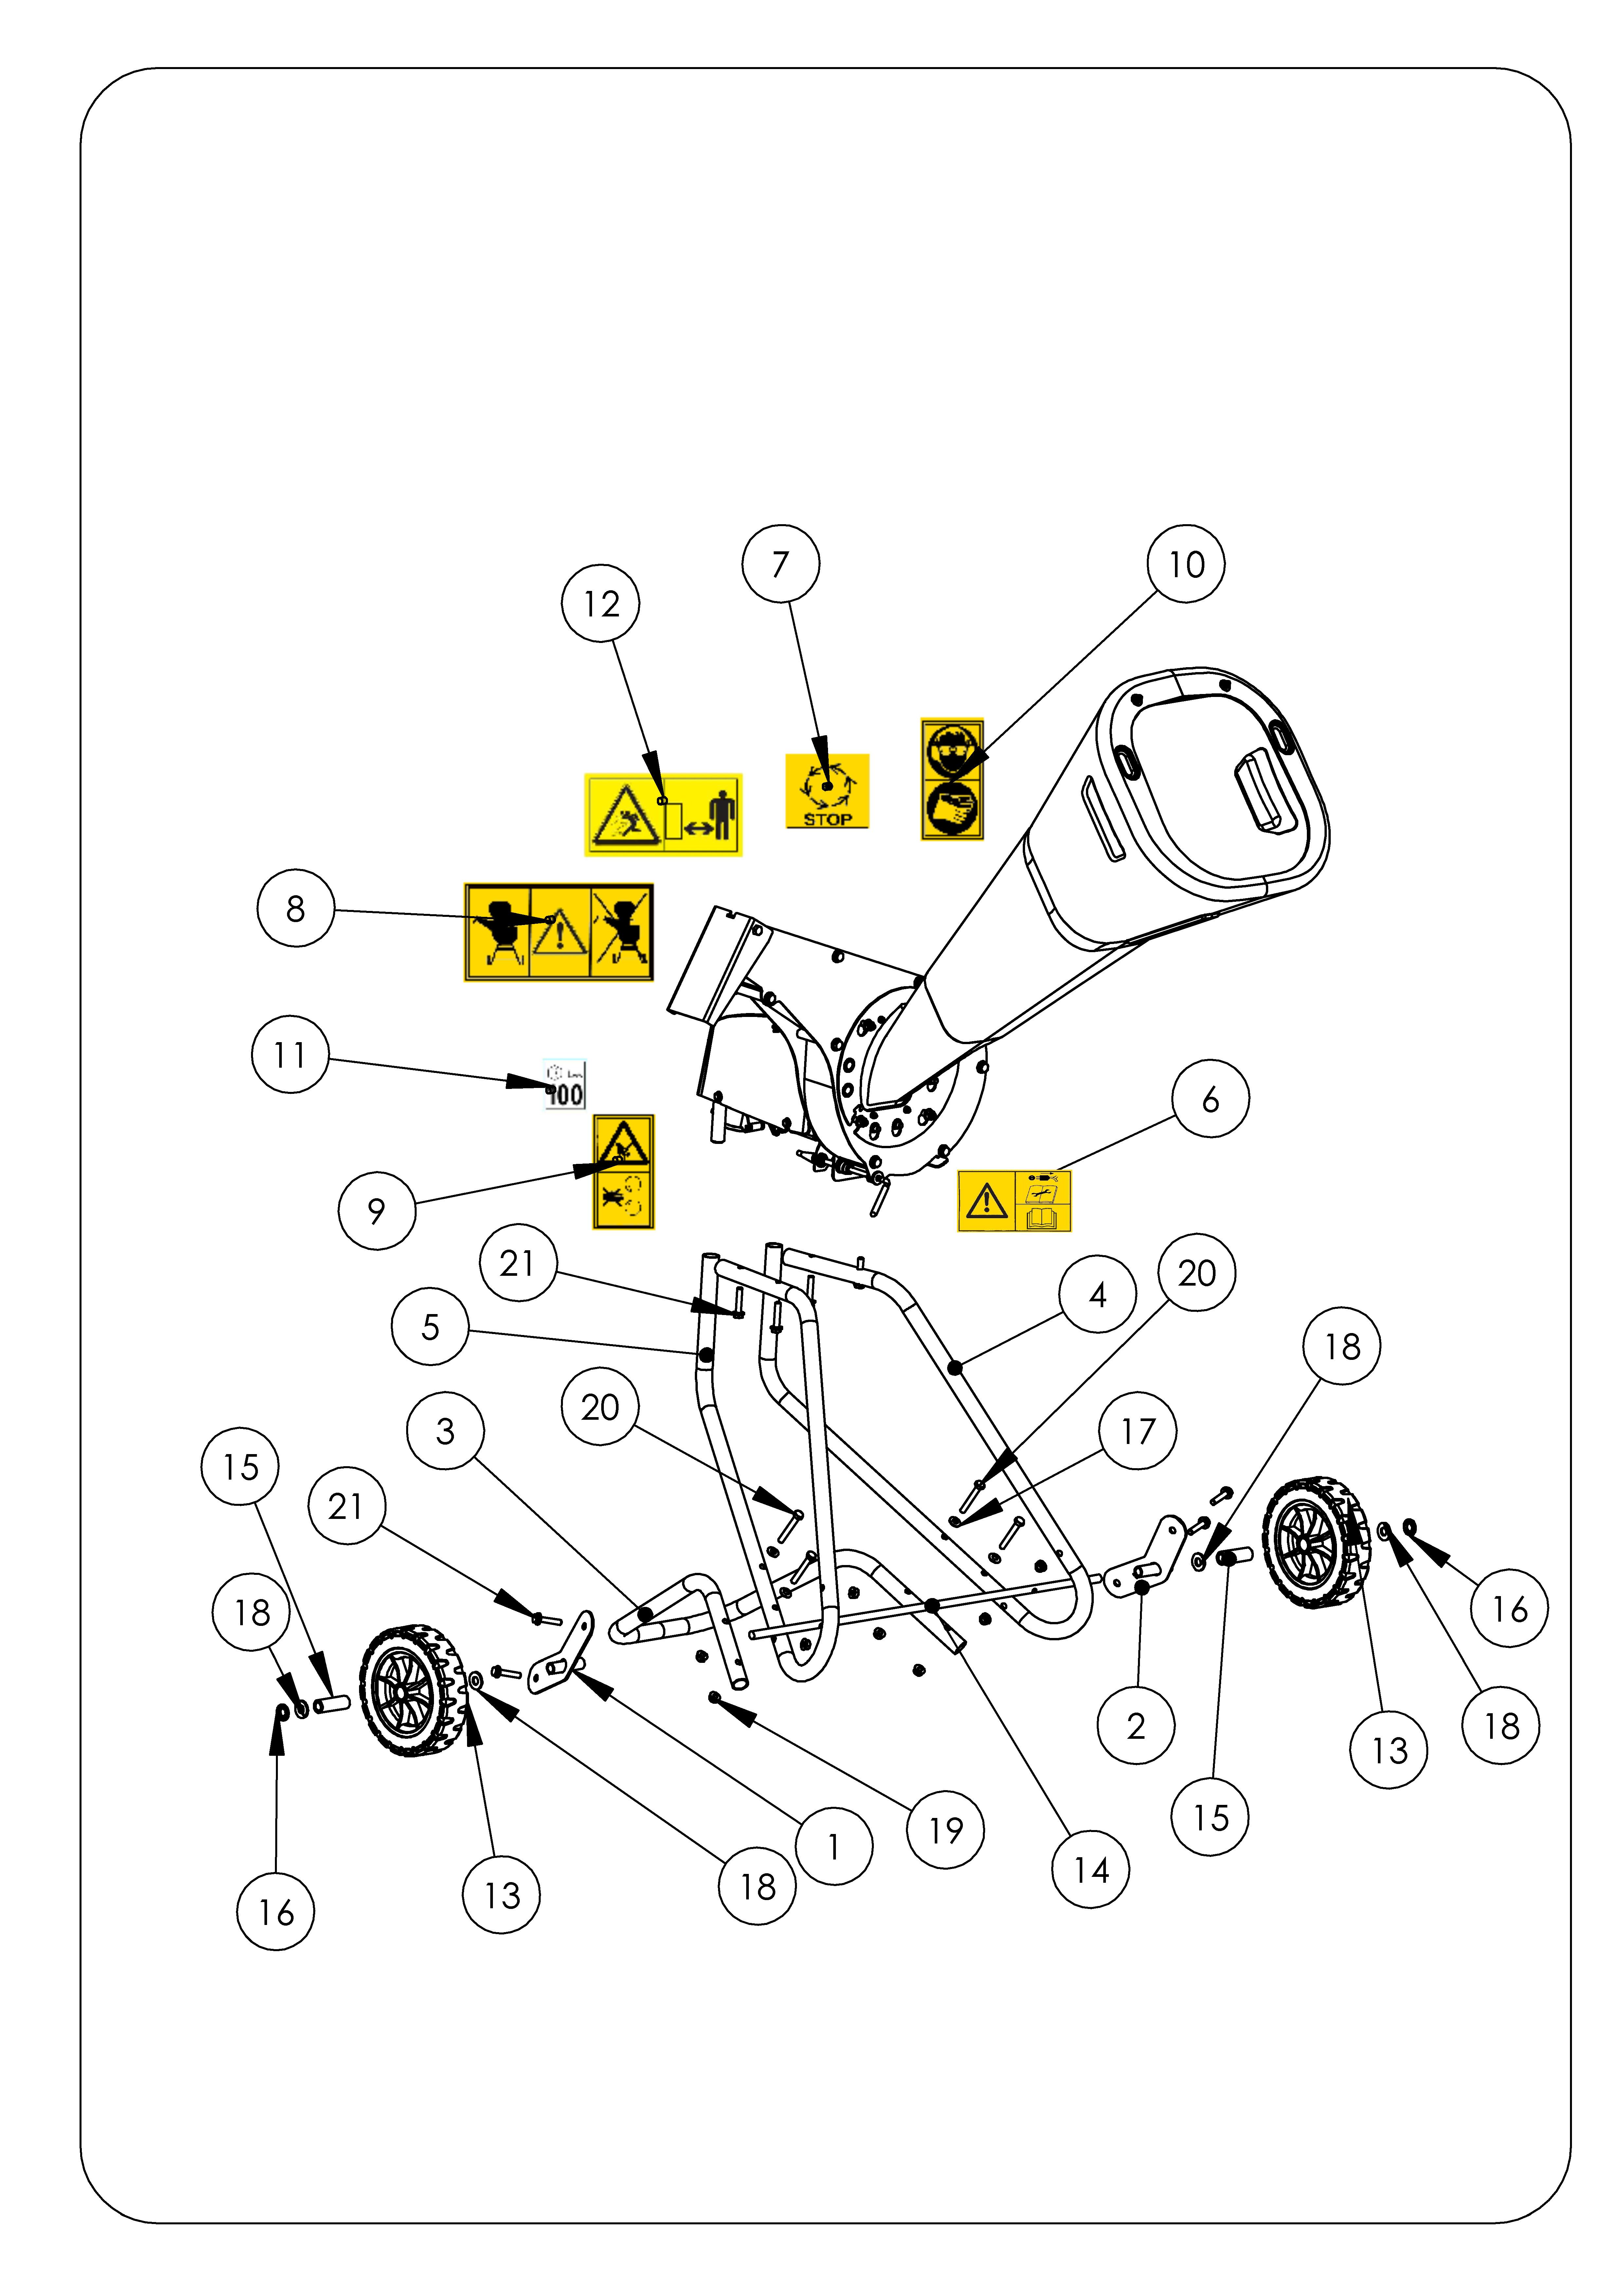 OMB élec version 2013 OLEOMAC Broyeur à végétaux  Dessins pièces vue éclatée -  Châssis